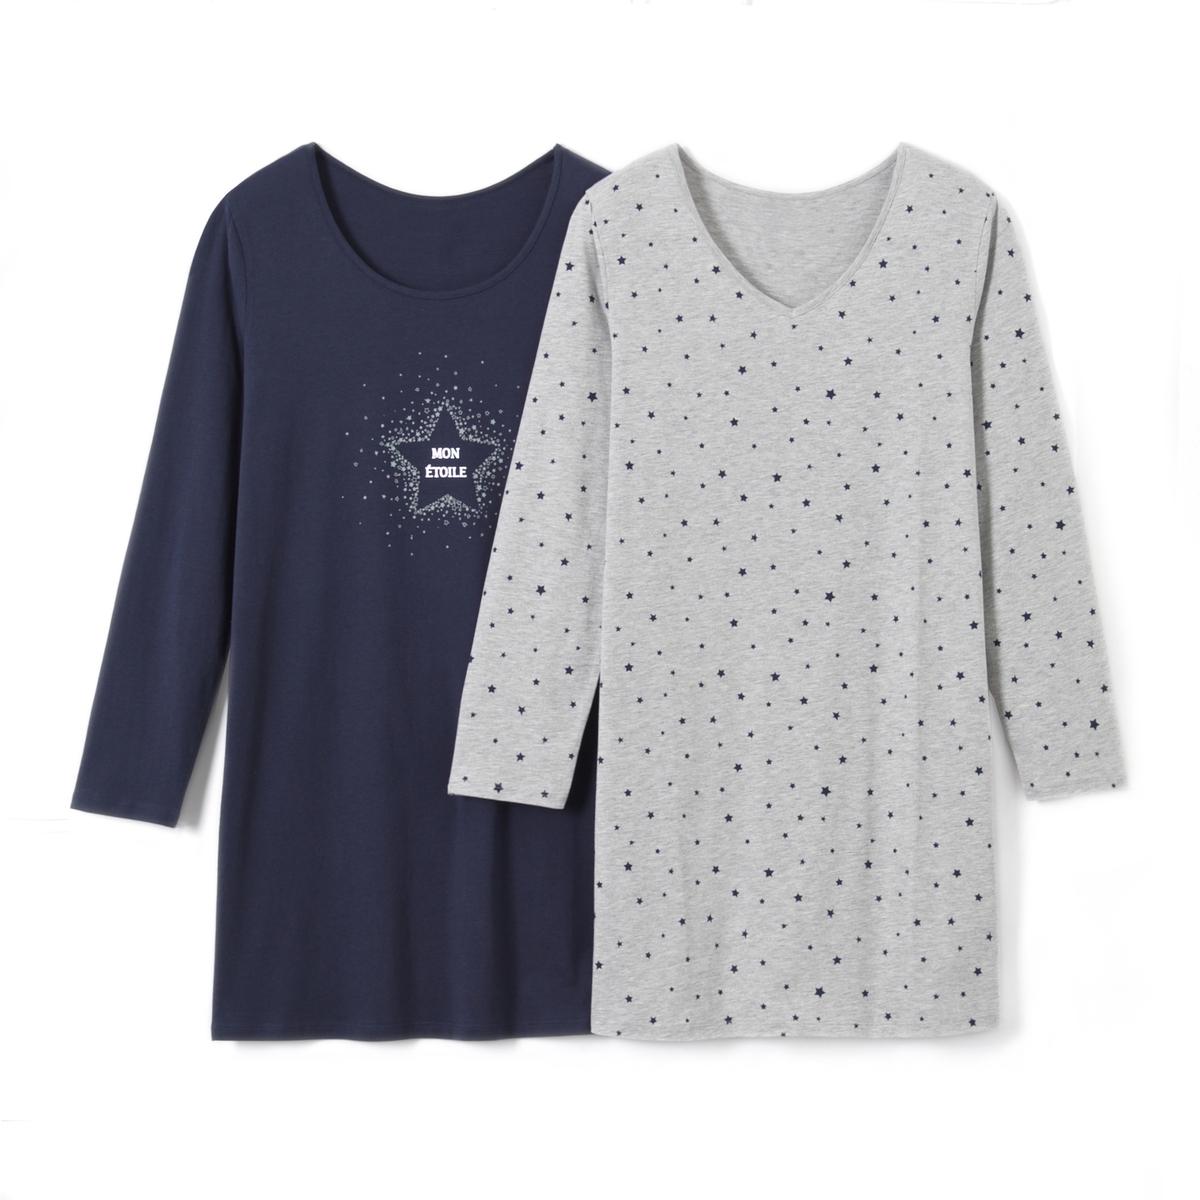 2 сорочки ночные с набивным рисунком ночные сорочки и рубашки